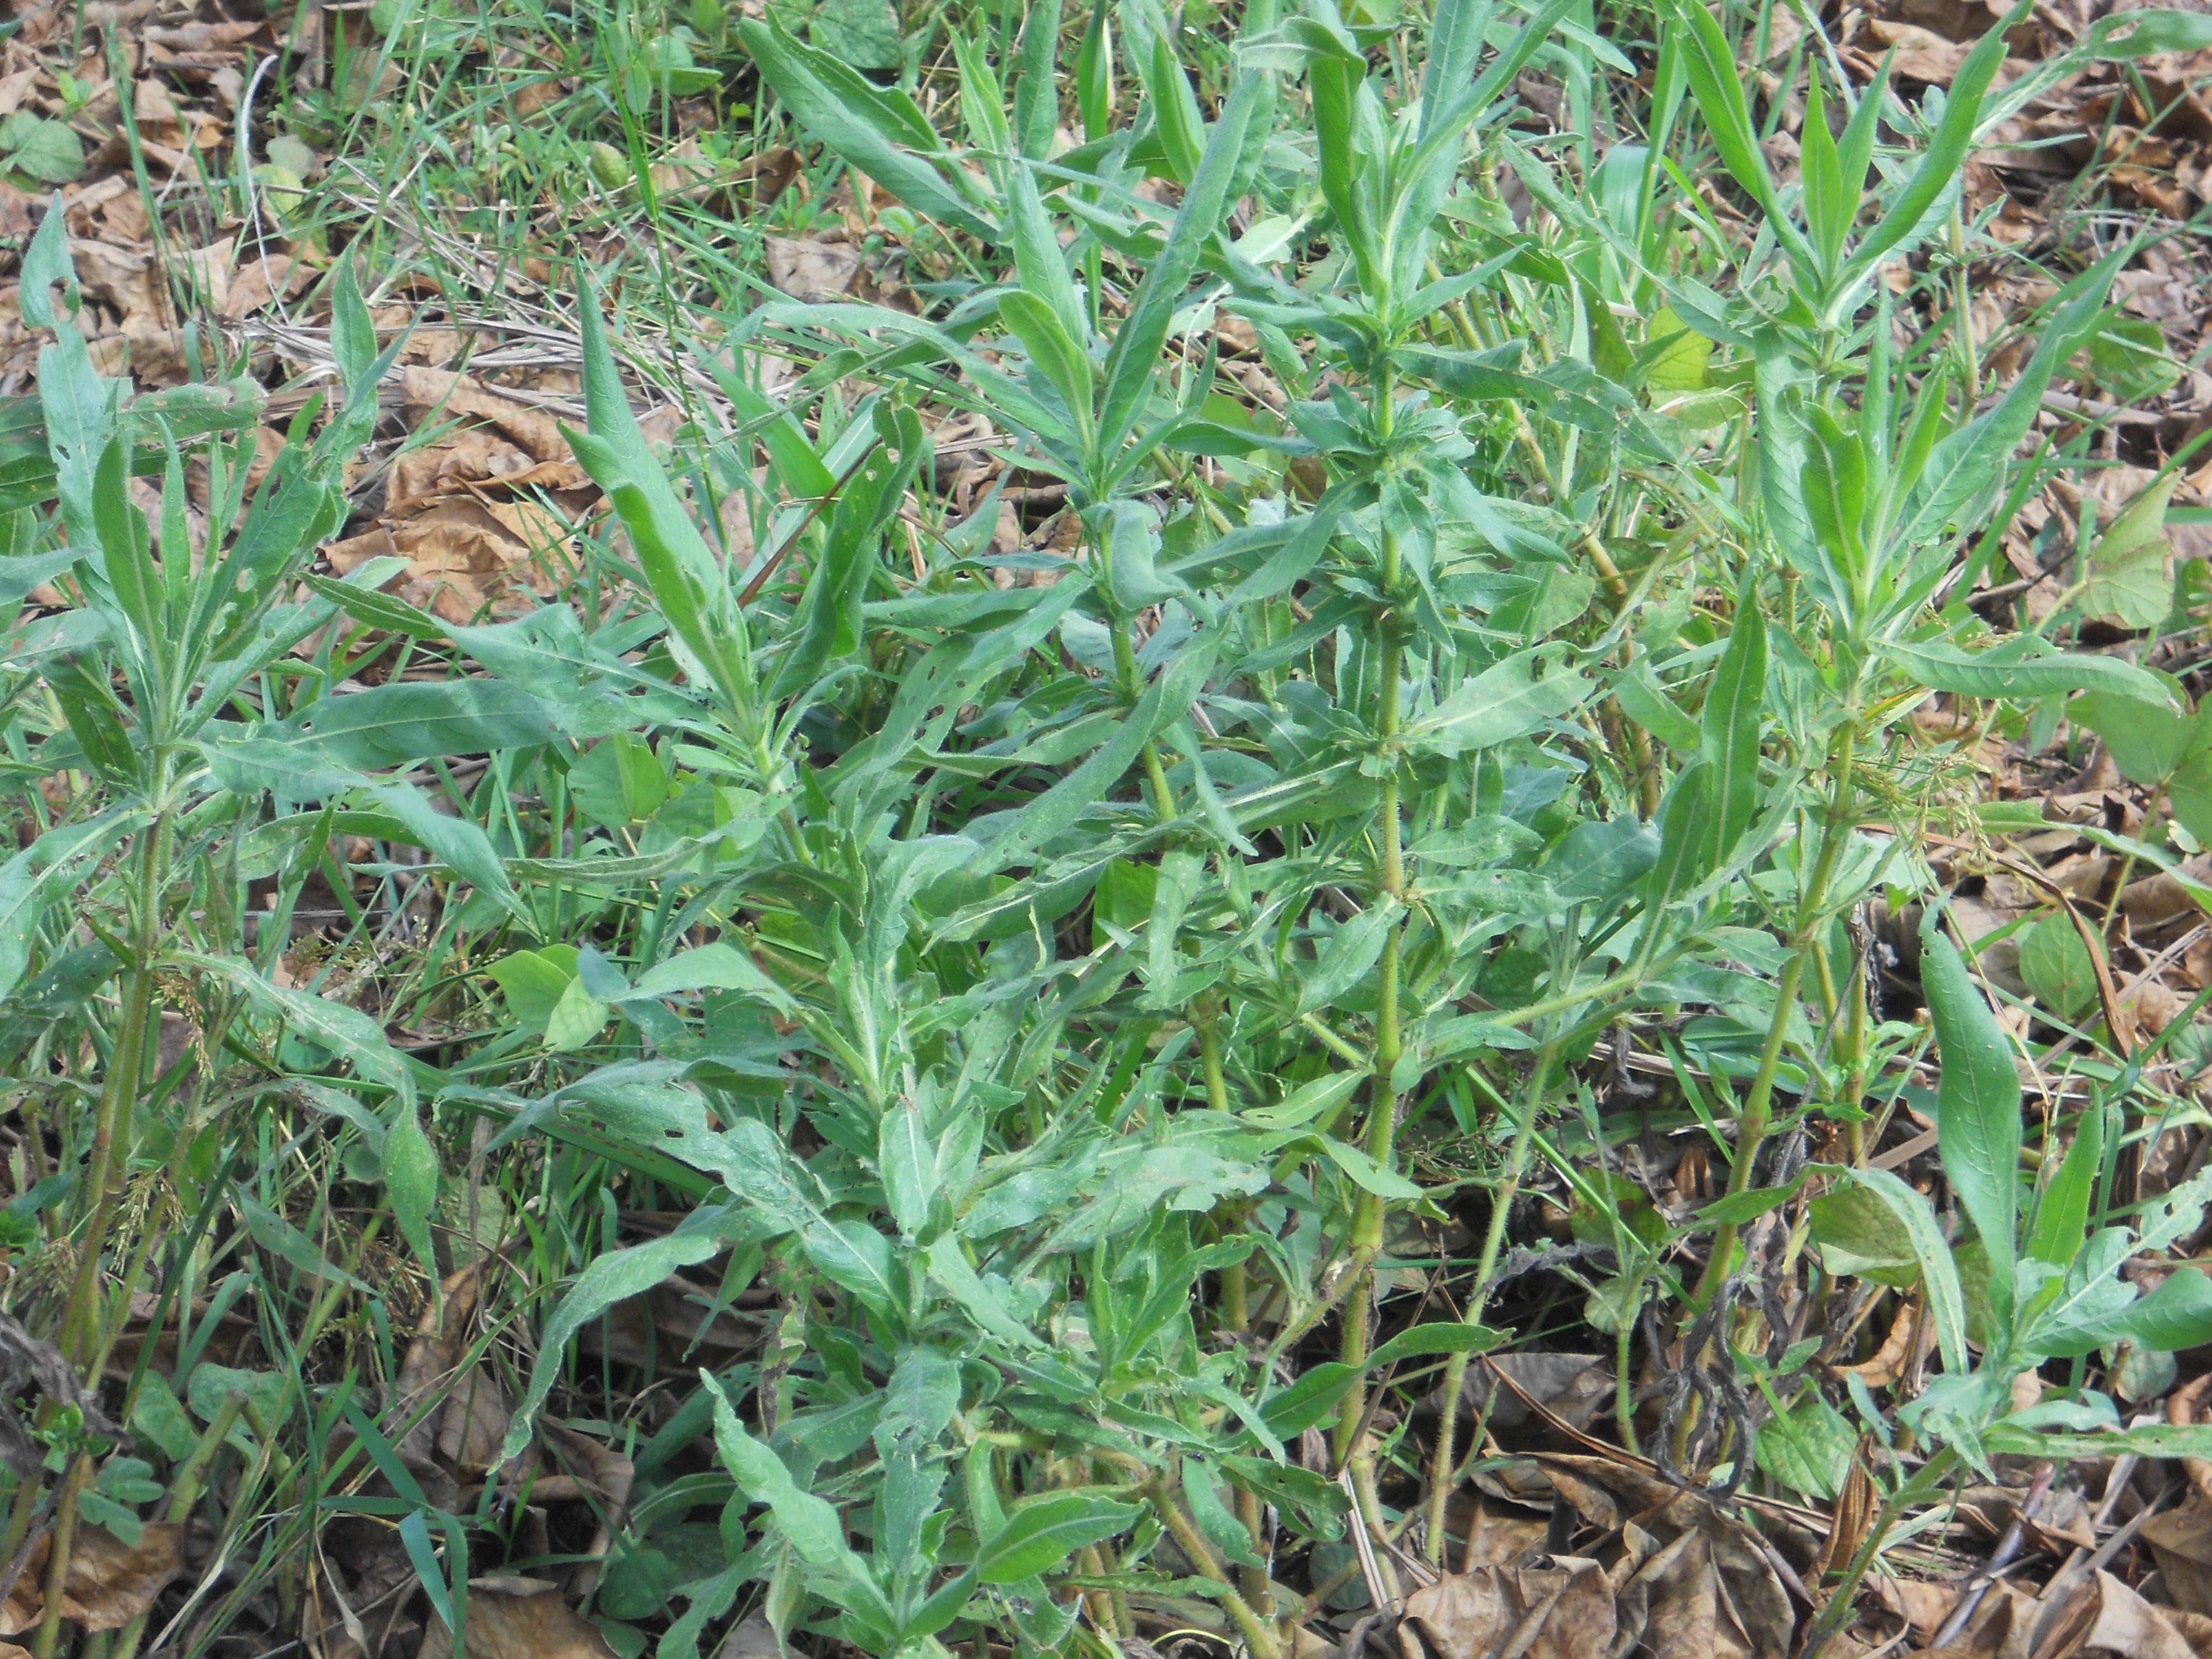 イネ圃場に生育する開花前の植物